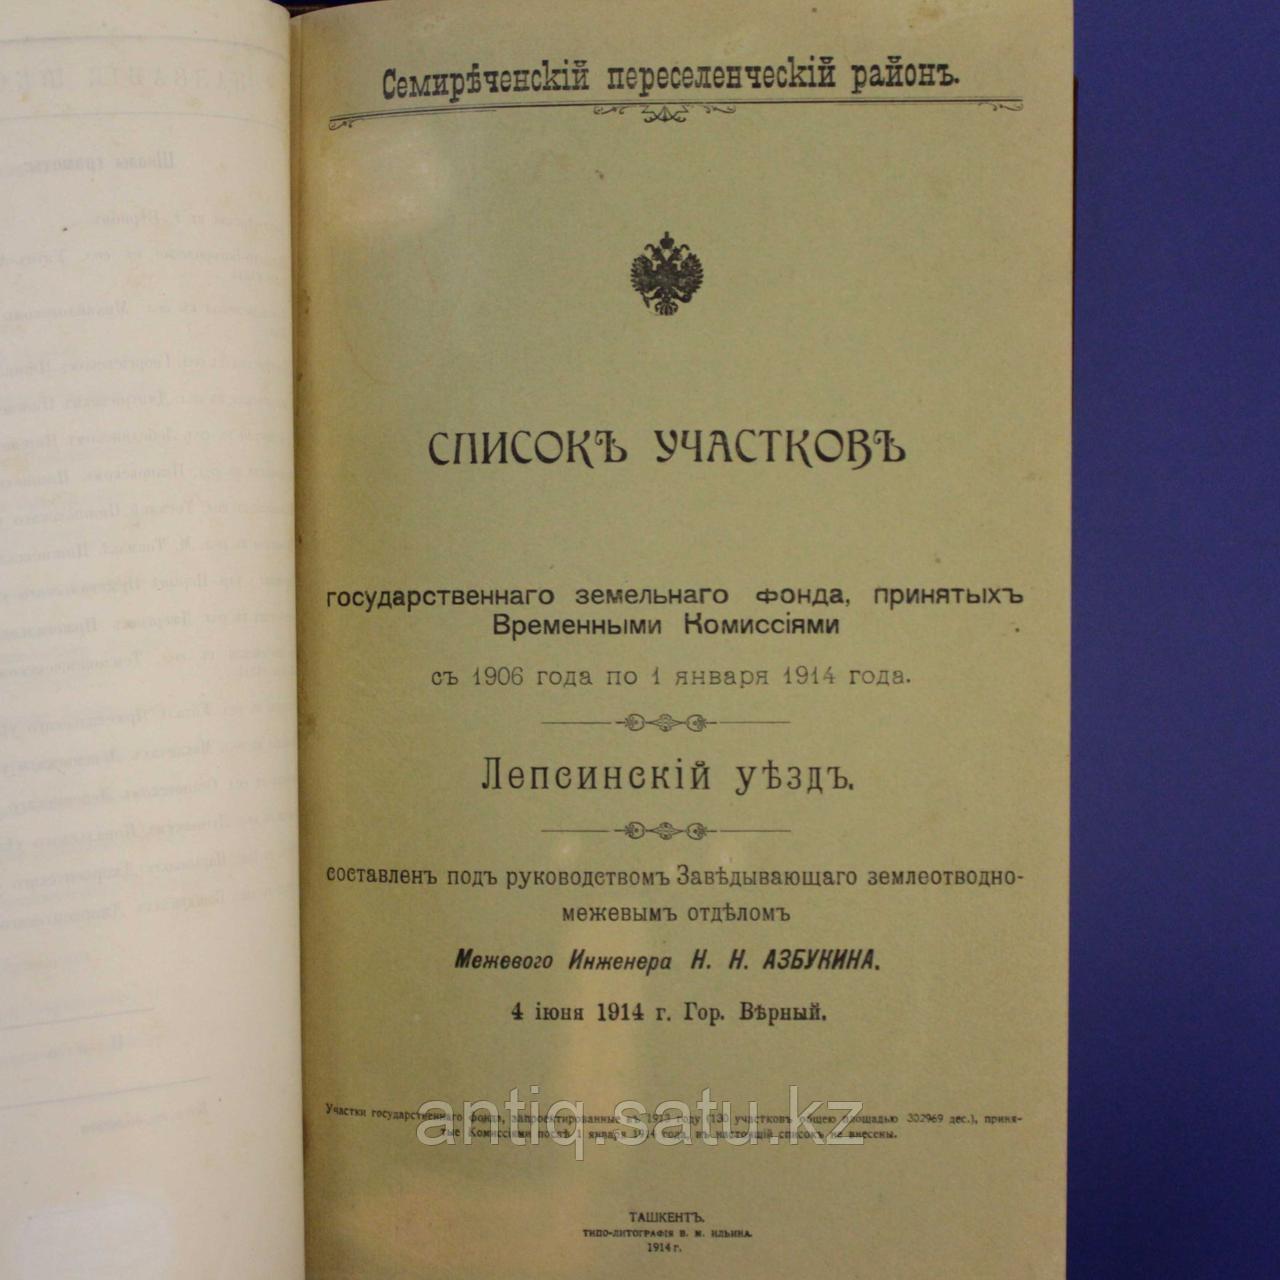 «Обзор Семиреченской области за 1898 год» Раритетное издание, отпечатано в г. Верный (Алматы) - фото 4